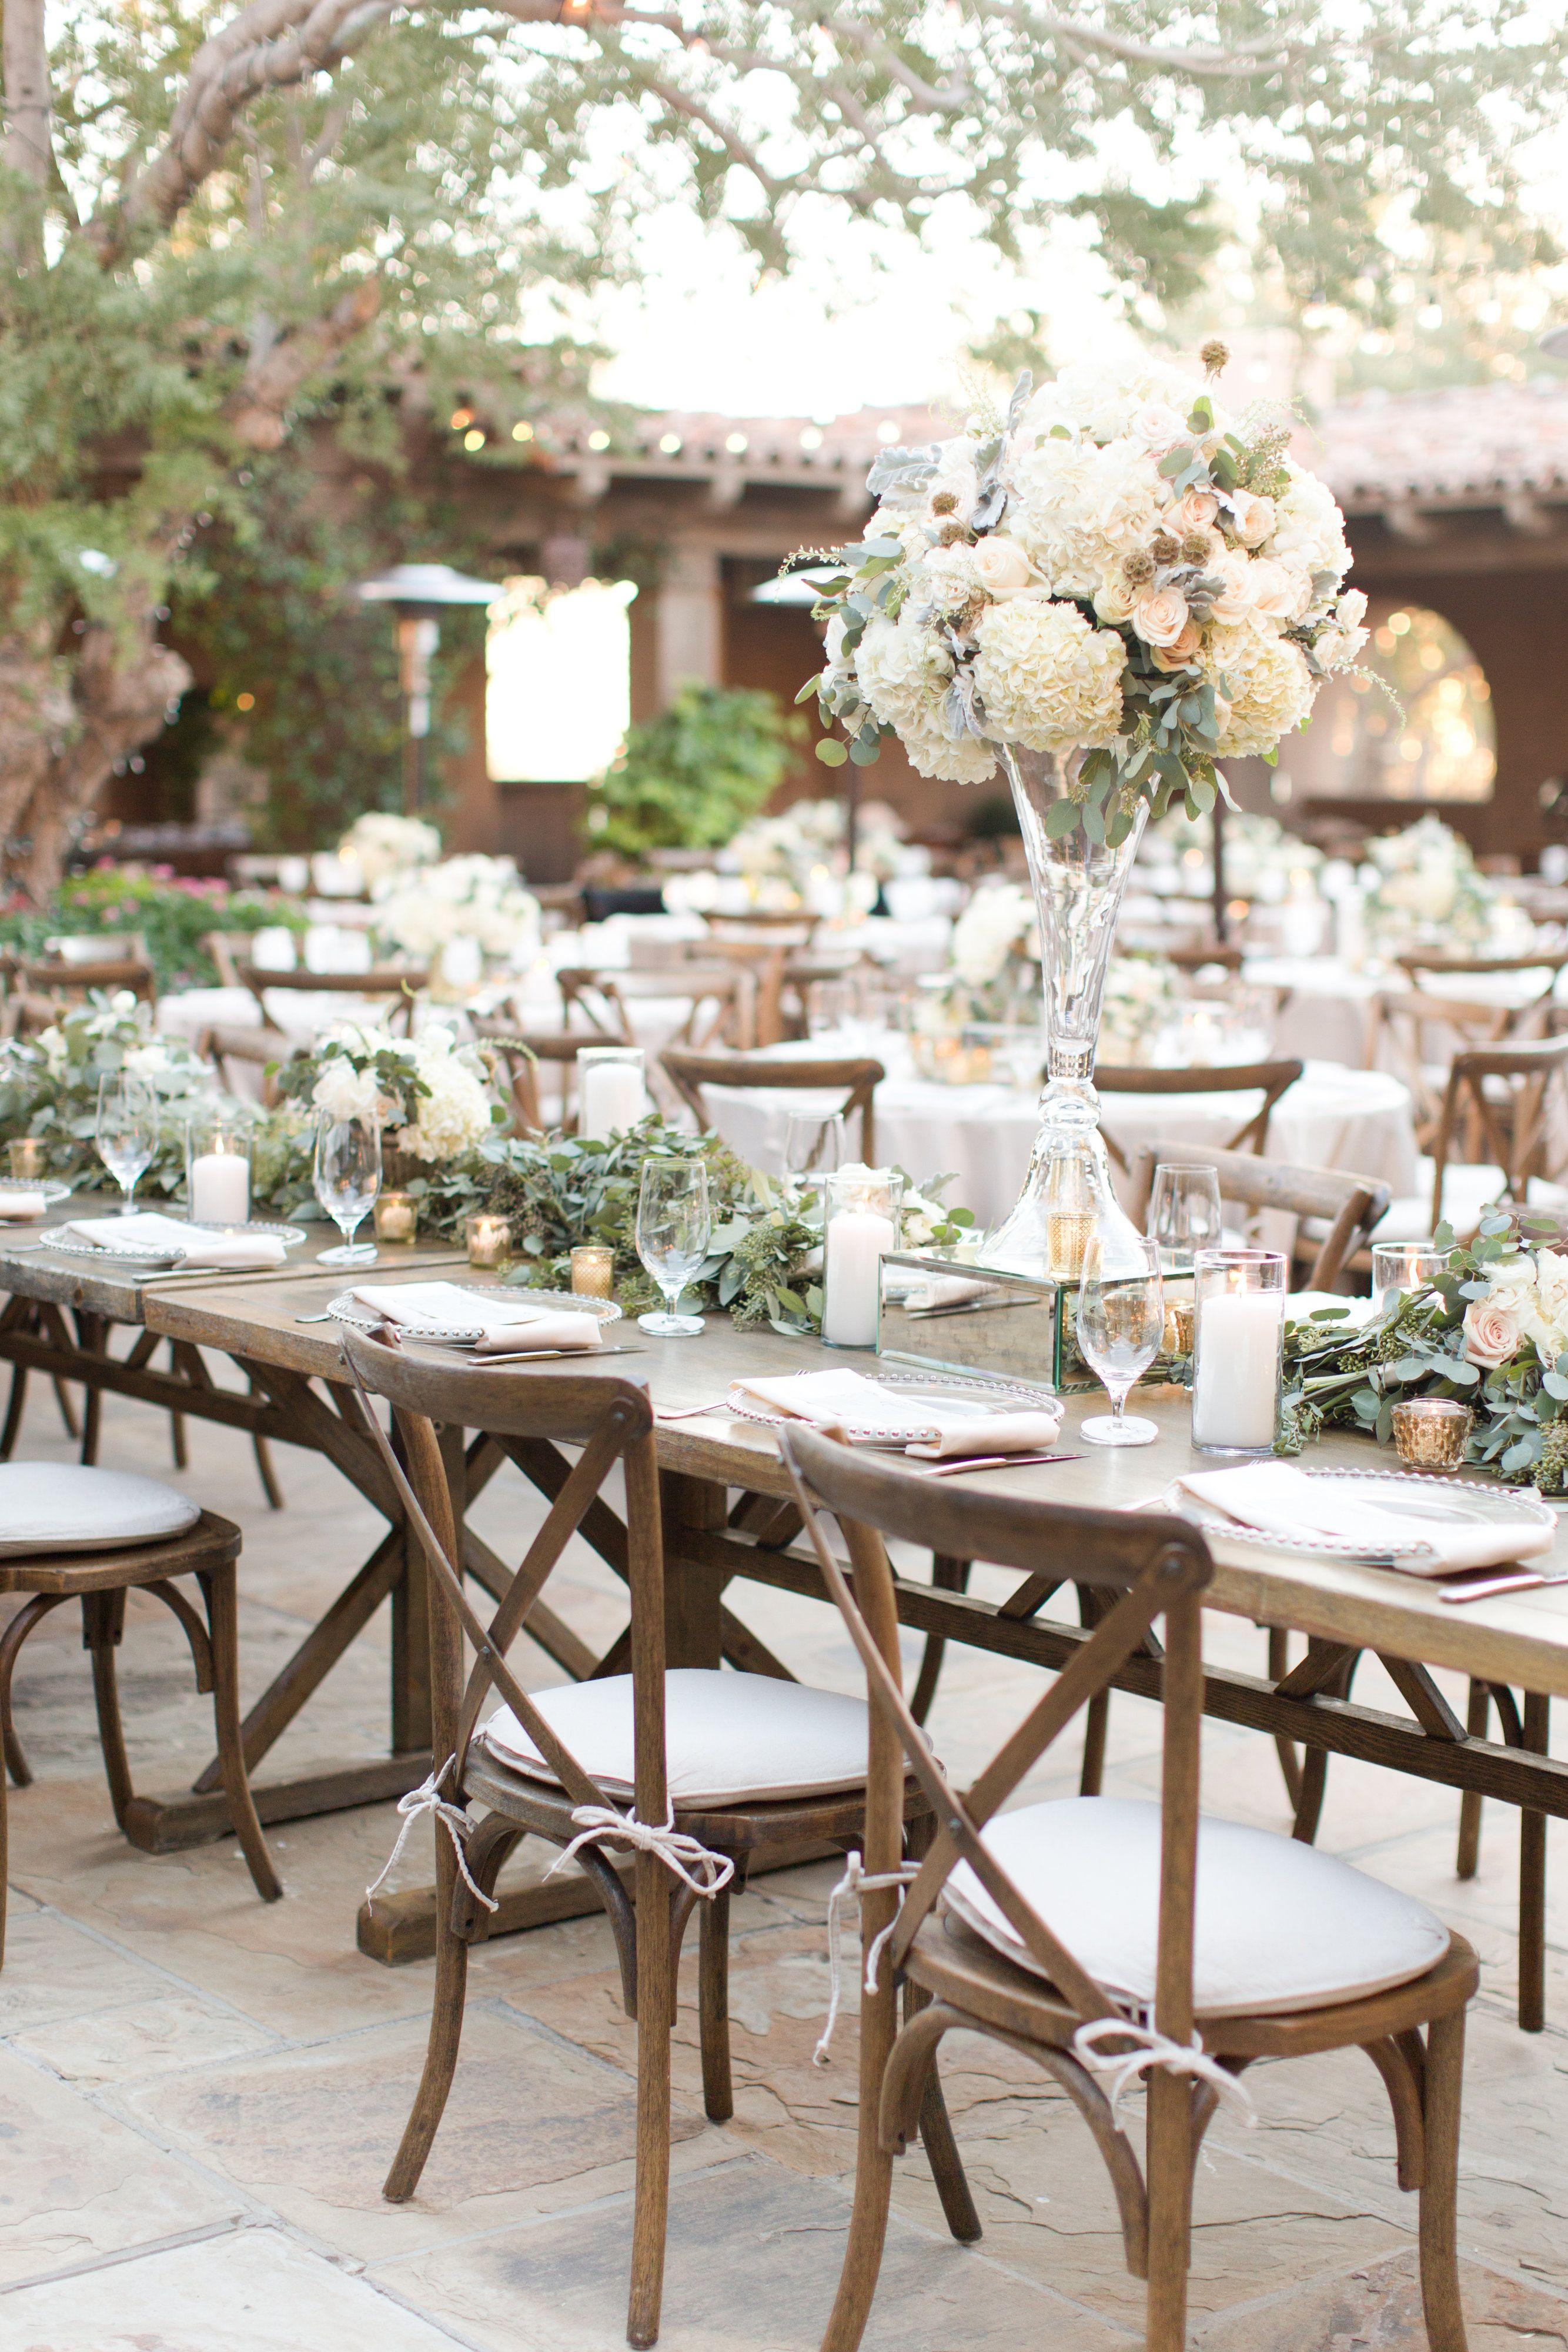 Blumengestecke Hochzeit, Heiraten, Langer Tisch Hochzeit, Palettenhochzeit,  Hochzeit Gedecke, Hochzeitsfarben,